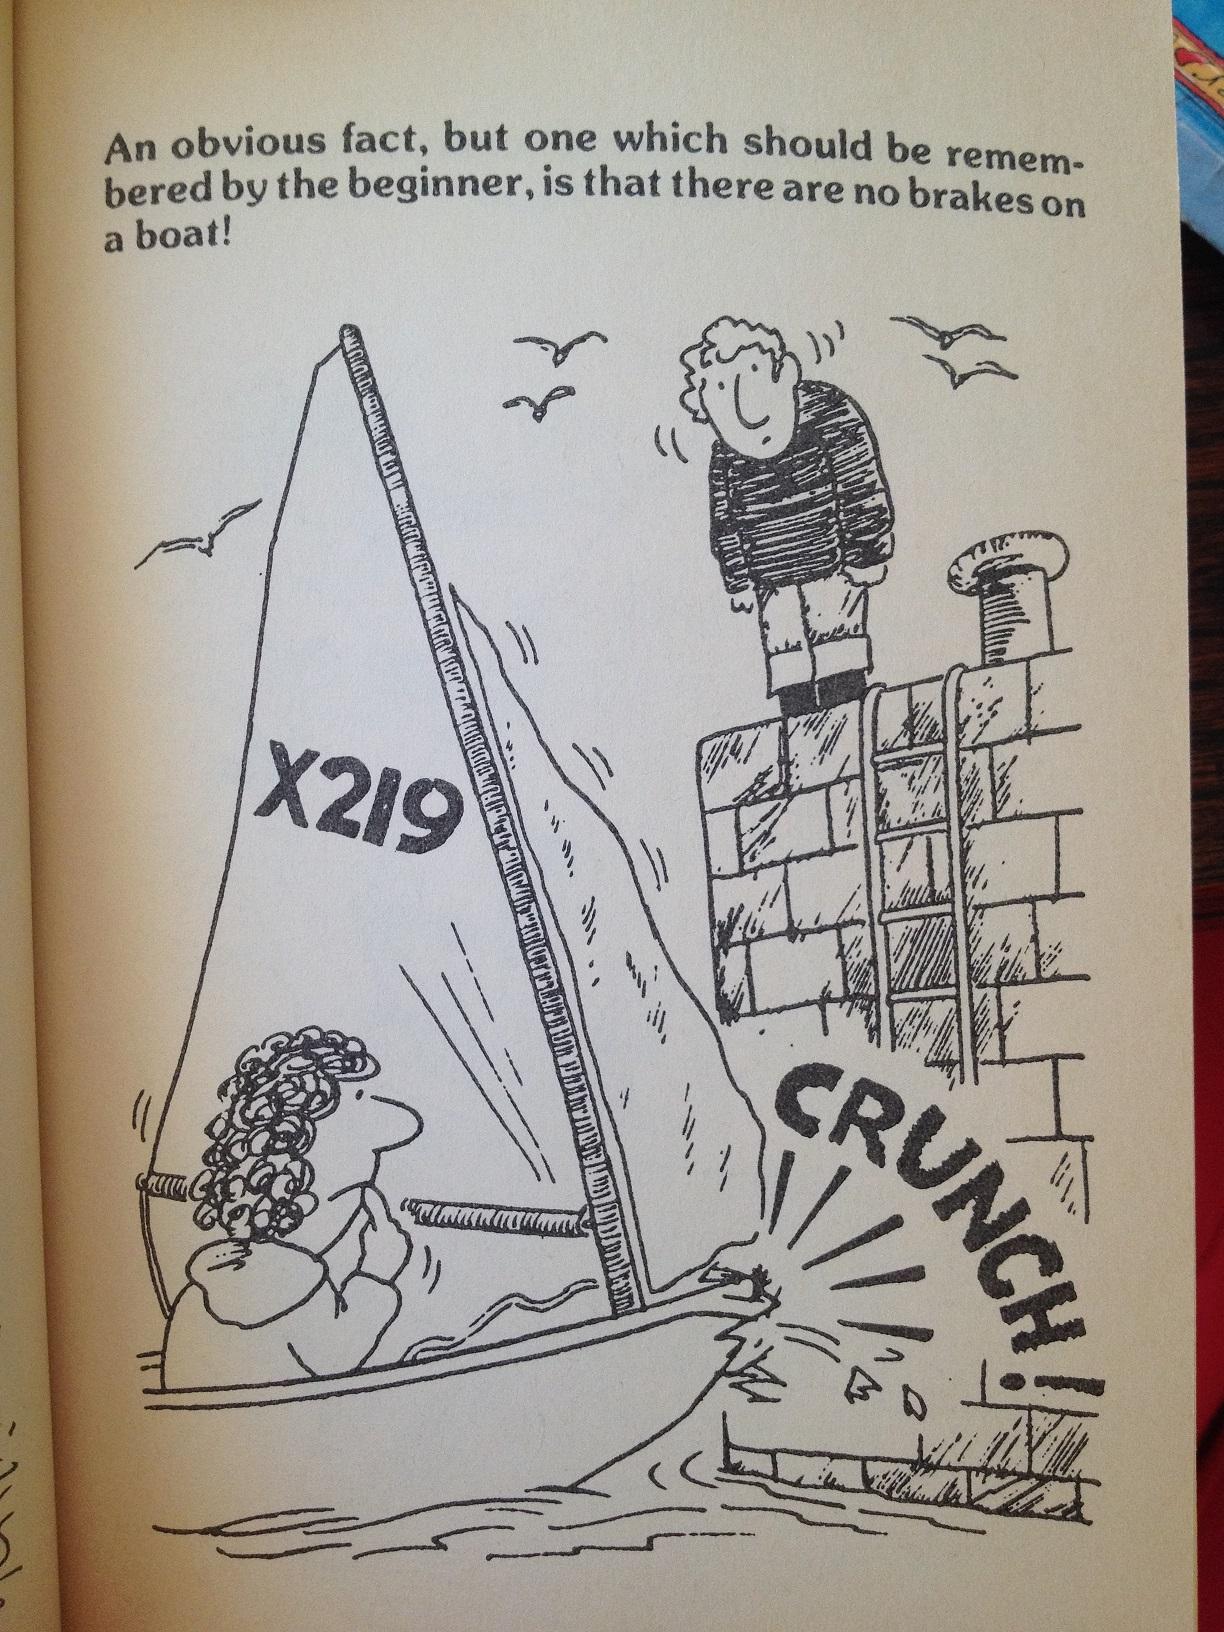 帆船,沙滩,技术 船只上下水:通常帆船可以从沙滩、浮动泊位、水泥地斜坡到出海和靠岸。 18c.jpg